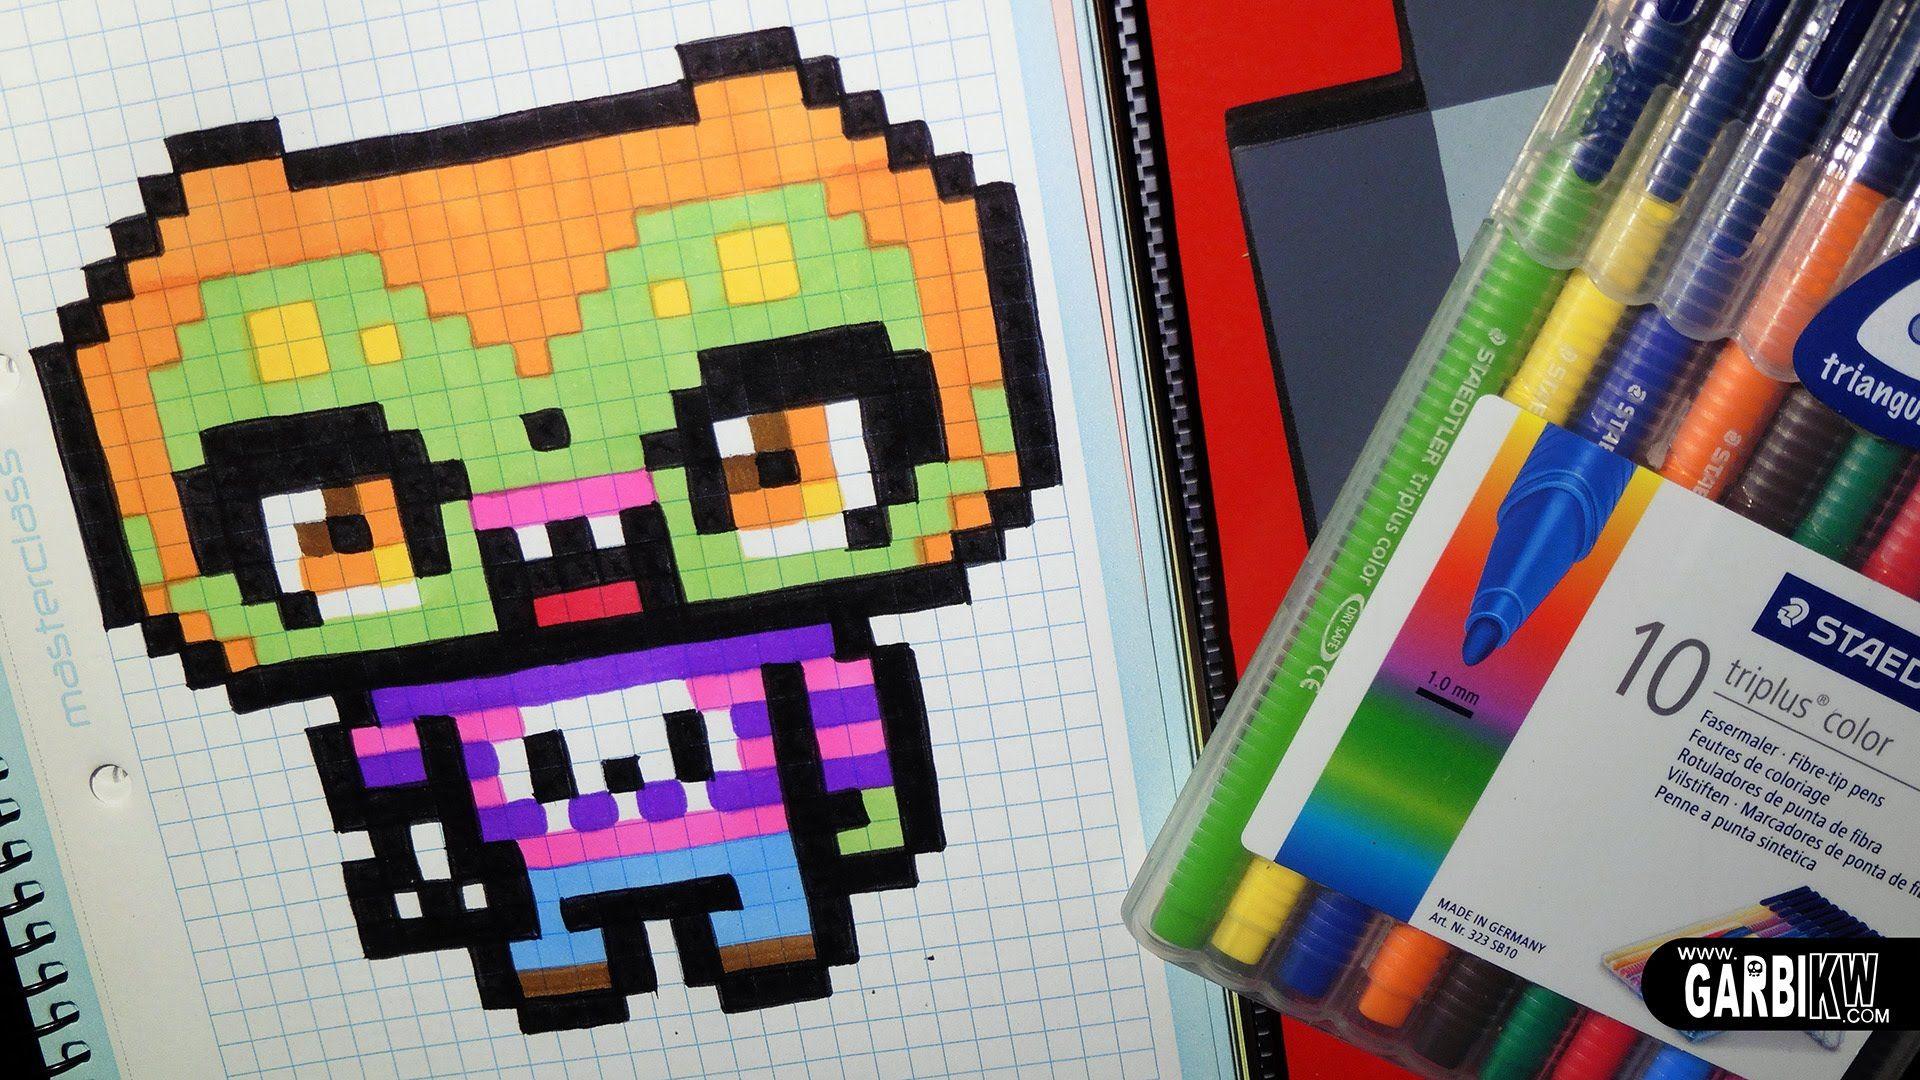 Handmade Pixel Art How To Draw A Kawaii Zombie By Garbi Kw